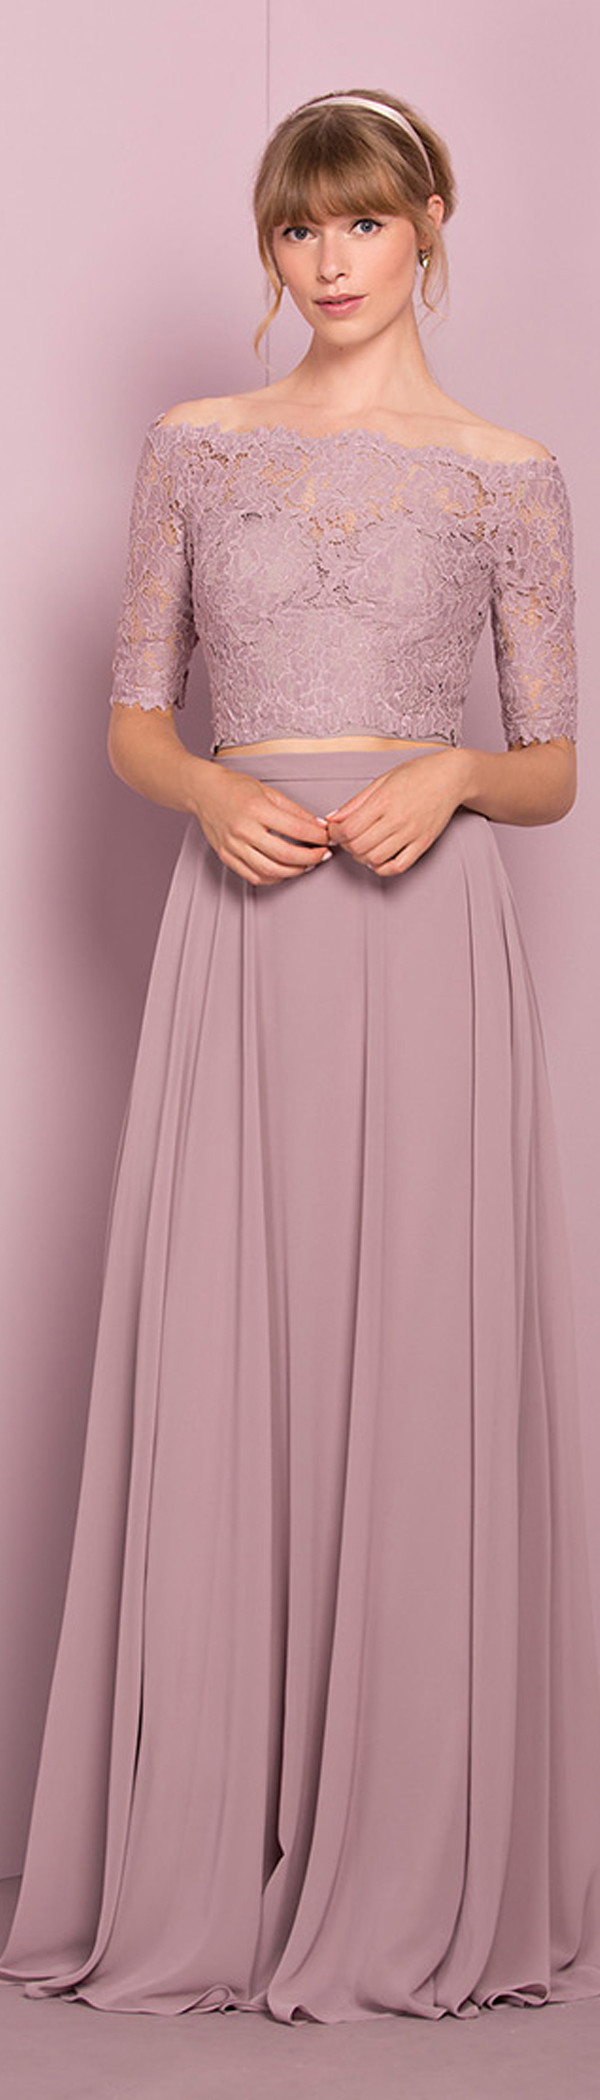 Marvelous Lace & Chiffon Off-the-shoulder Neckline Two-piece A-line ...